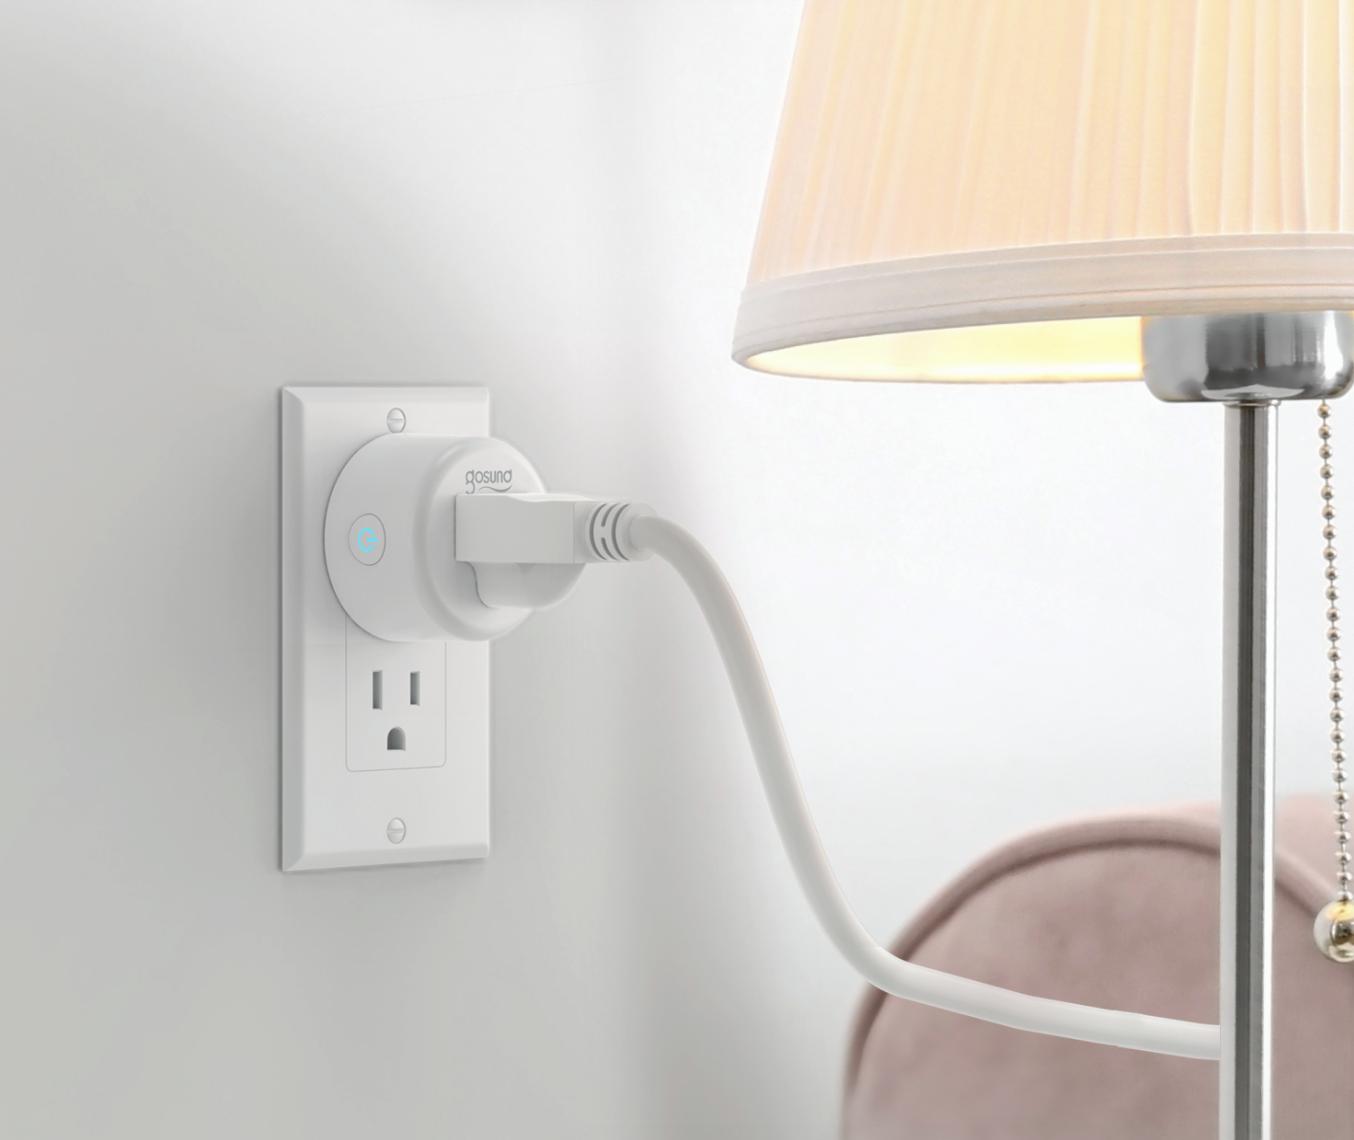 lamp plugged into a smart plug by Gosund